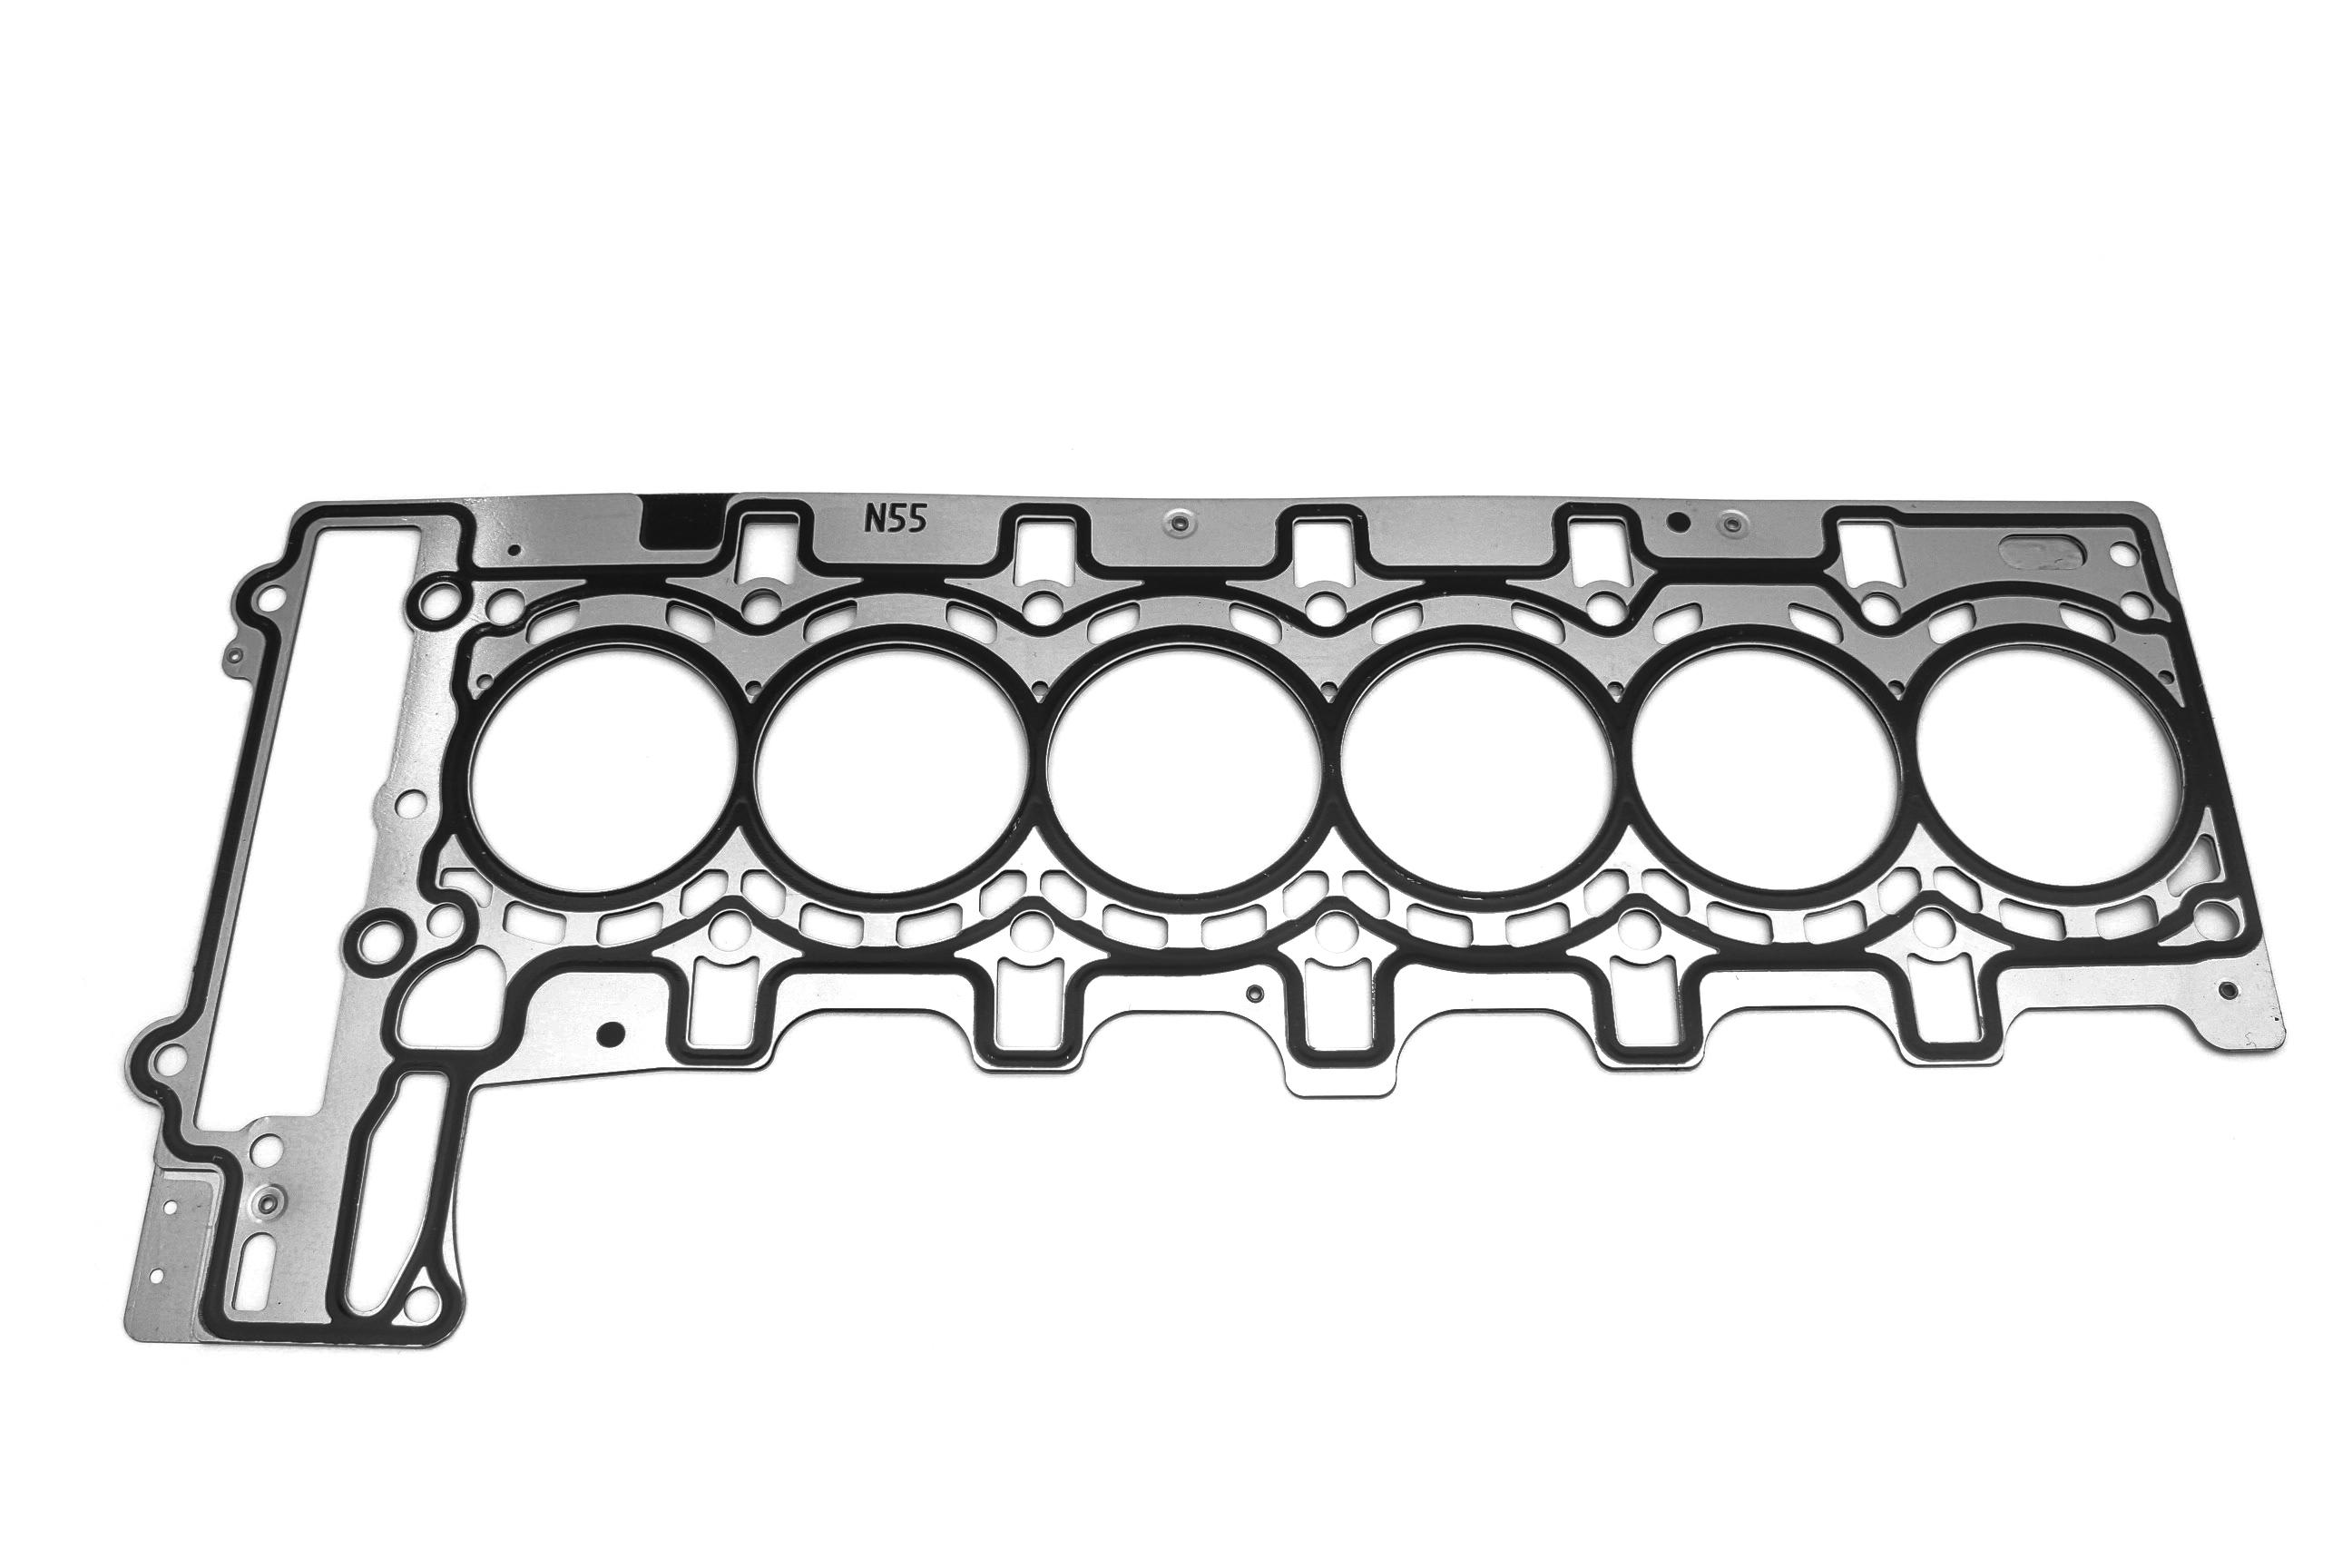 Junta da cabeça do cilindro VAR Selo BMW série 1 F20 3,0 N55 N55B30A 11127599212 NOVO